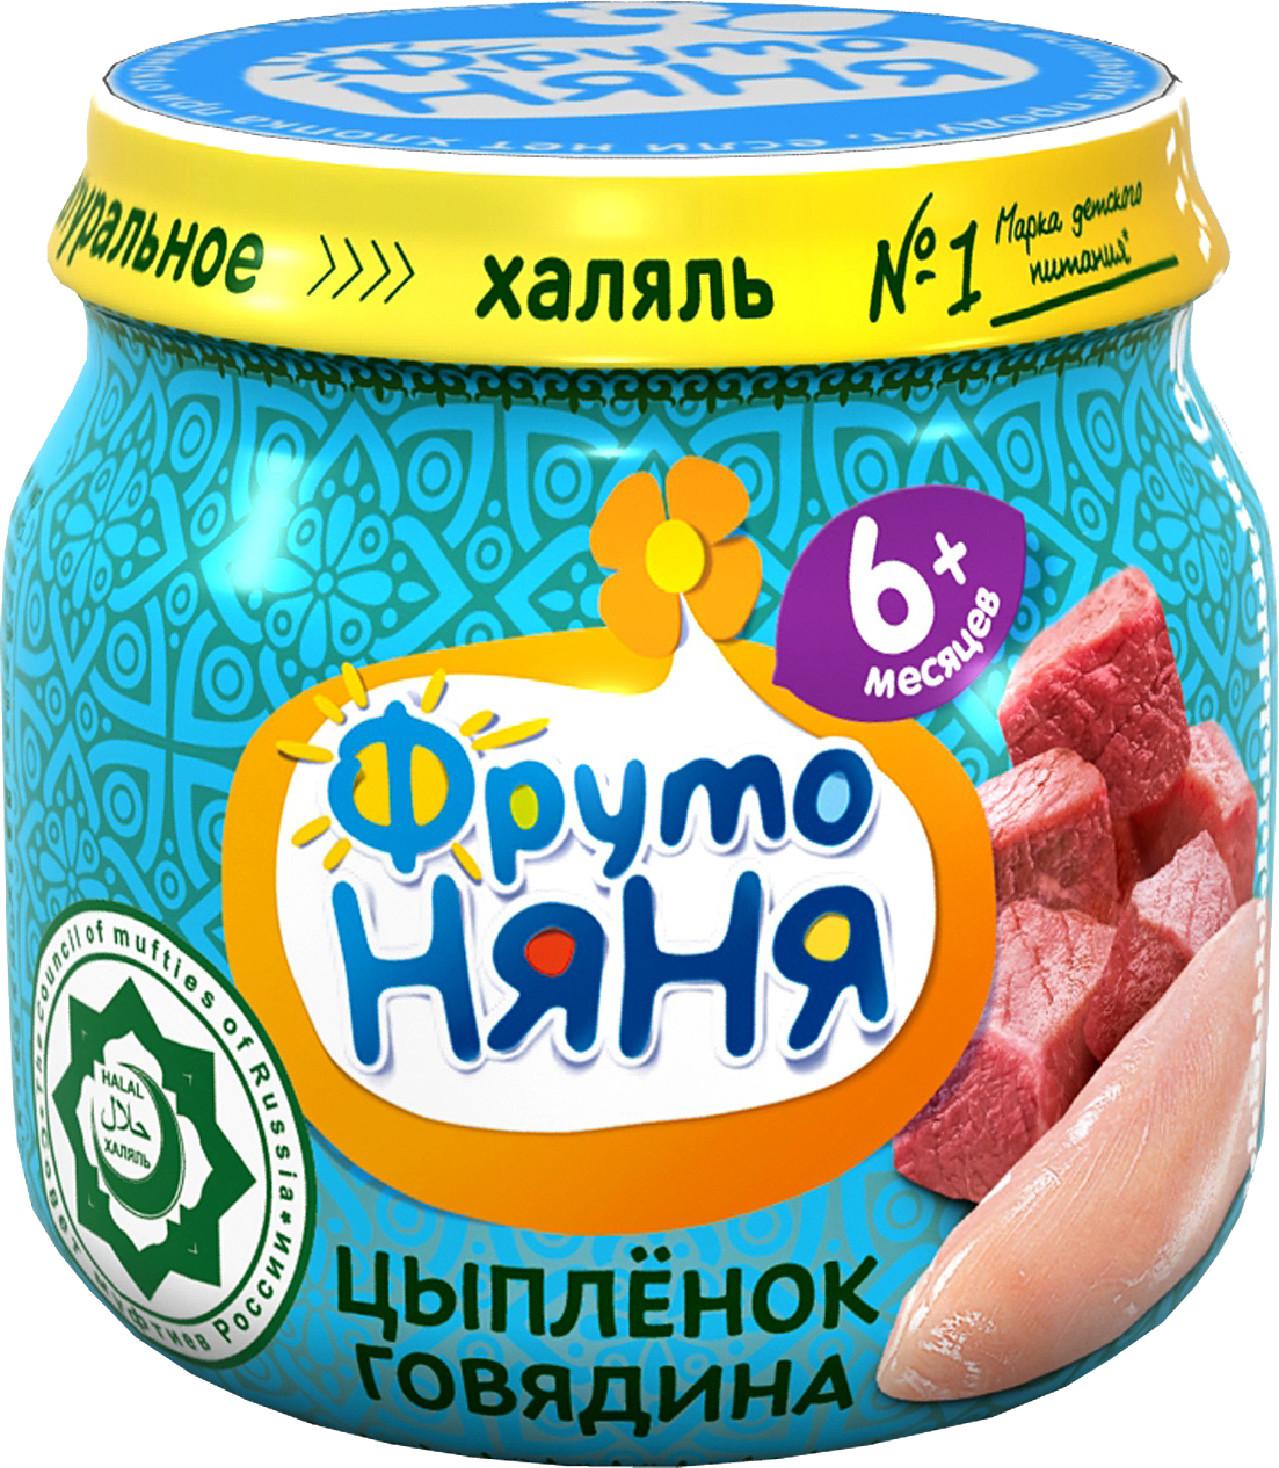 Купить Мясное, Халяль из мяса цыпленка с говядиной с 6 мес. 80 г, Фрутоняня, Россия